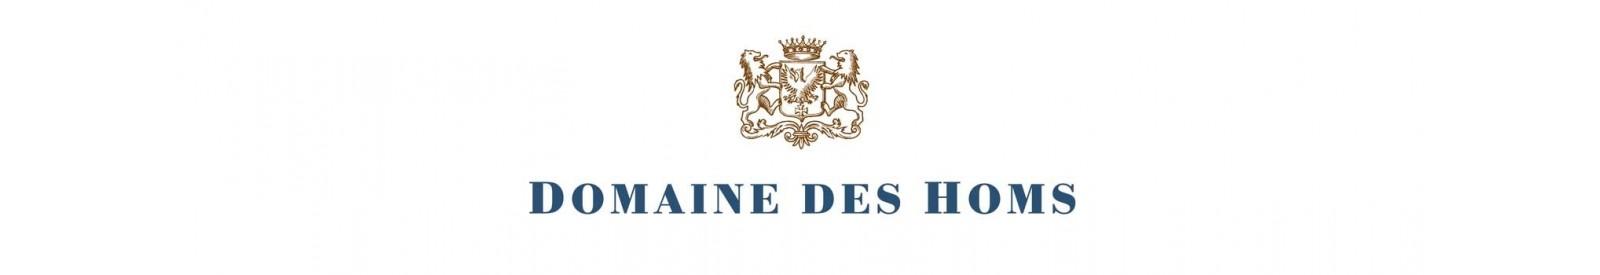 Domaine des Homs - Minervois – Vins Bios